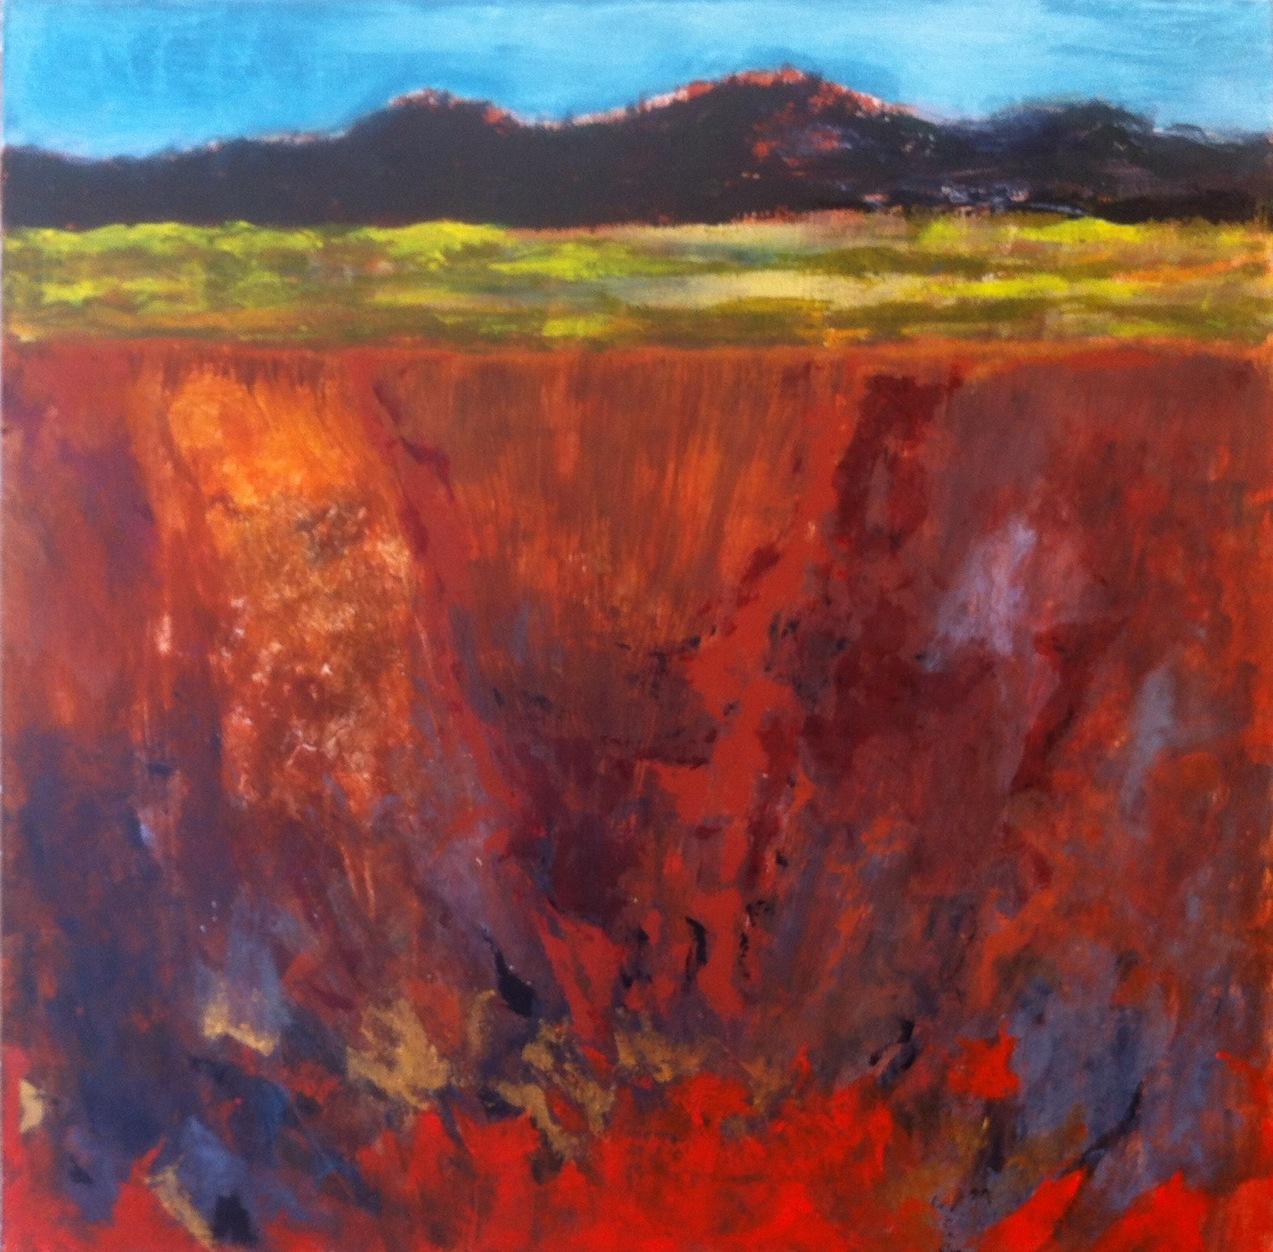 N°1276 - Voyage au centre de la terre - Acrylique sur toile - 90 x 90 cm - 18 mars 2014